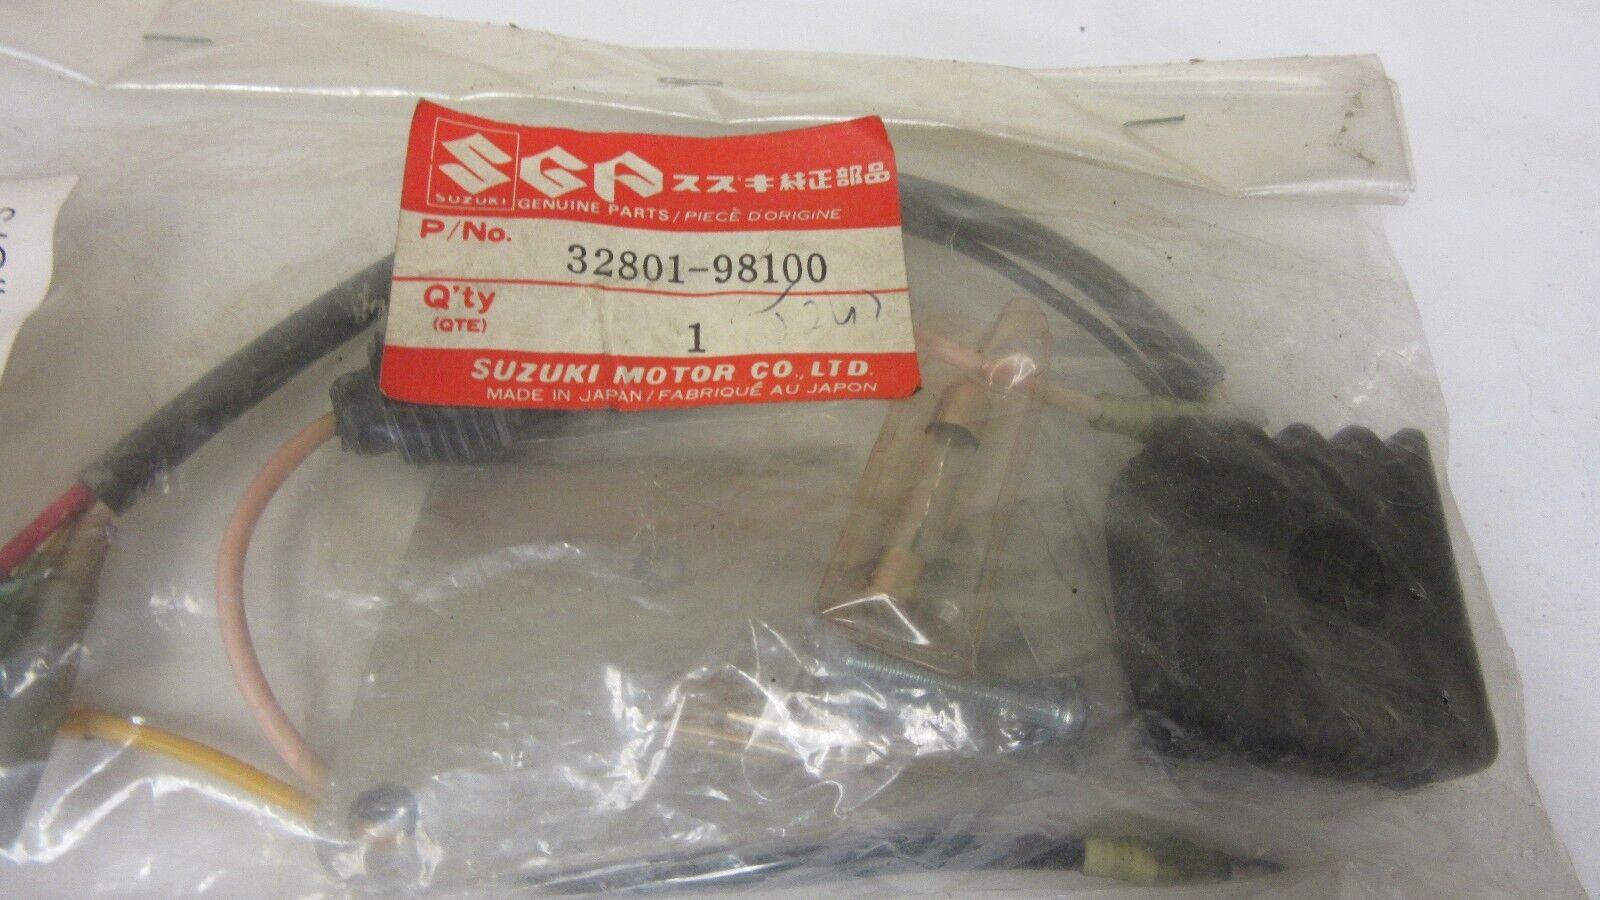 Suzuki Outboard Gleichrichter Gleichrichter Gleichrichter Set, Eingestellt Oem-Teil P/n 32801-98100, Neu 8e6567